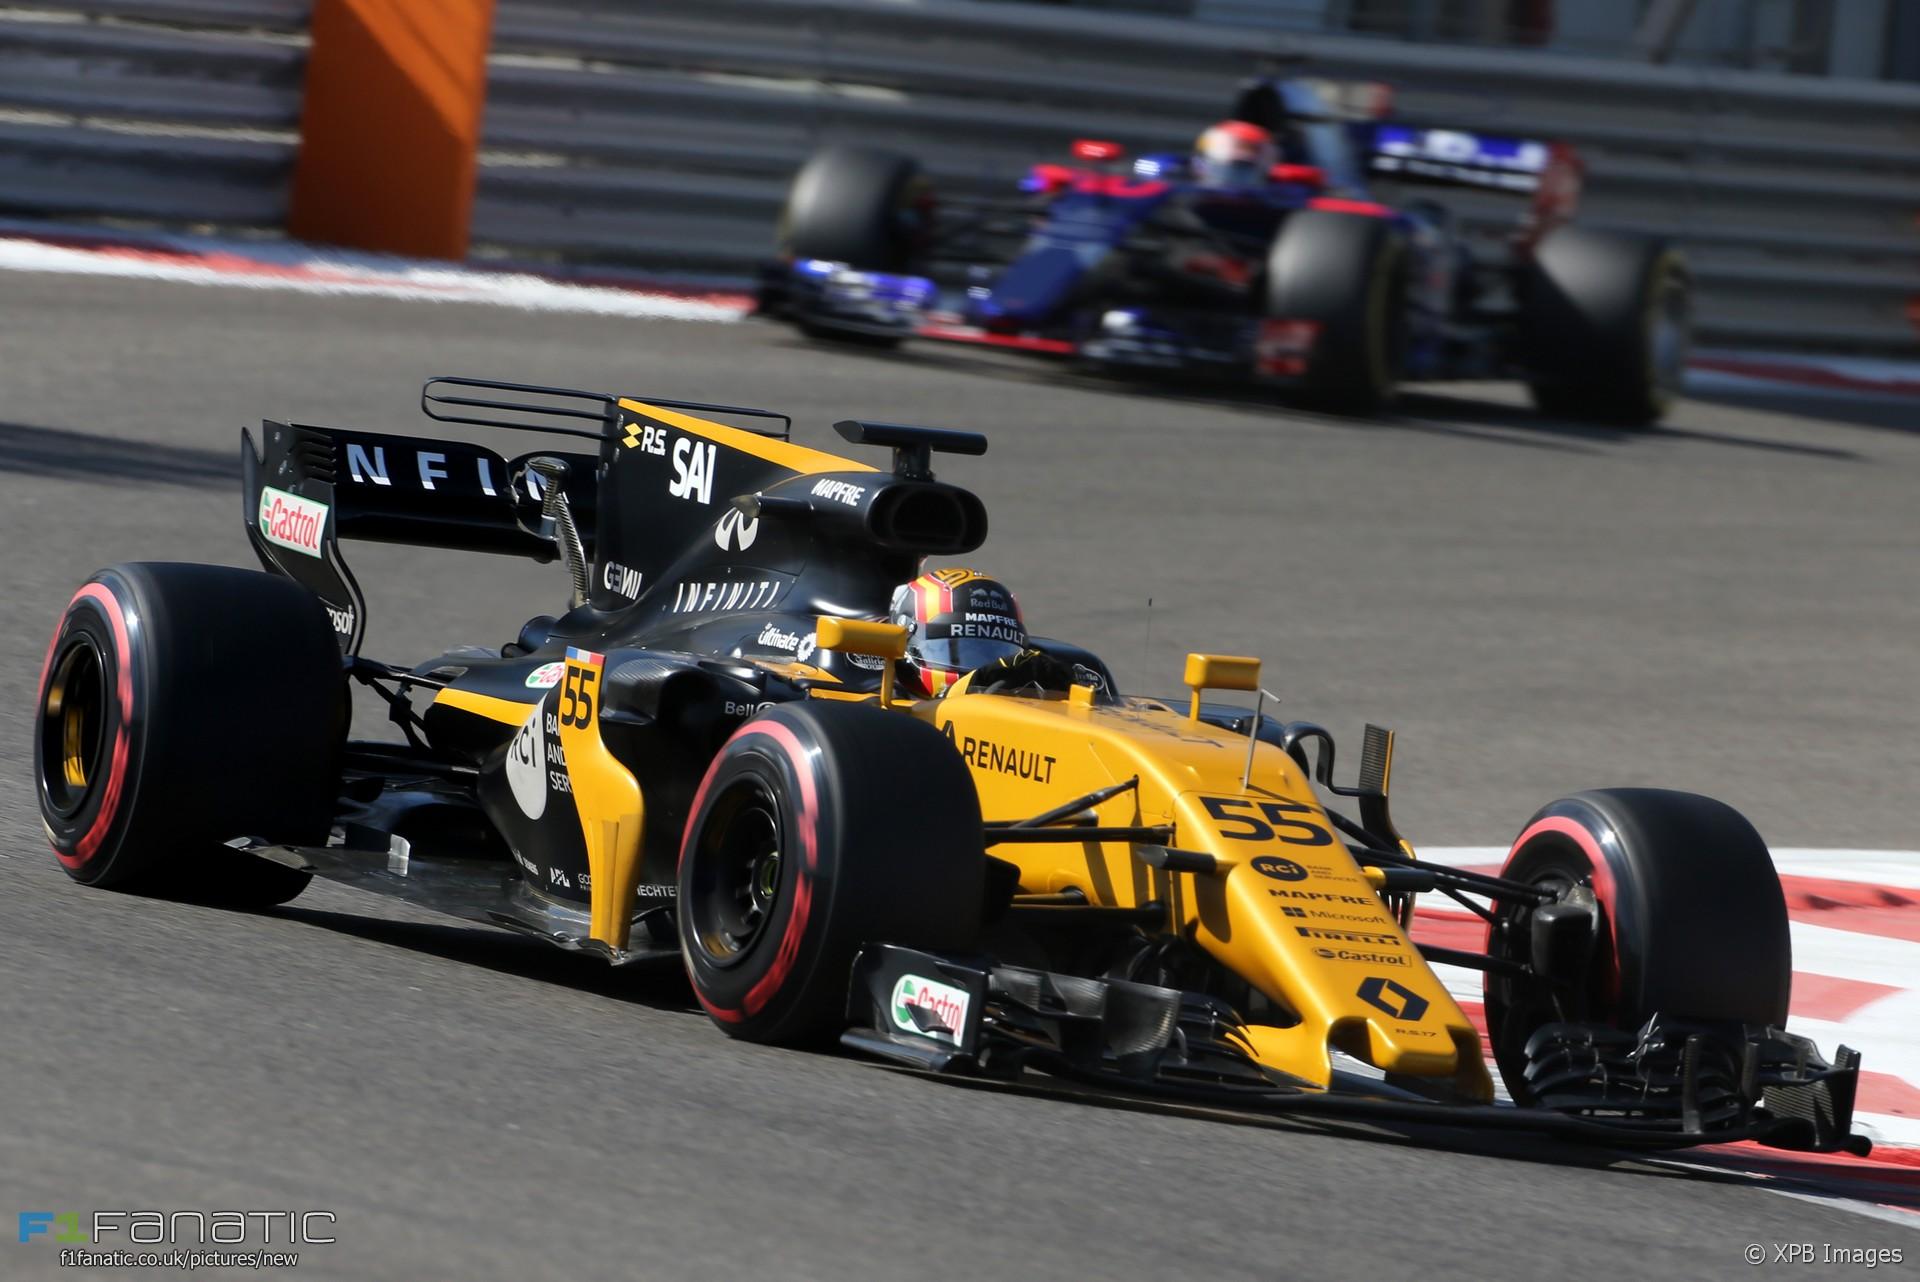 Carlos Sainz Jnr, Renault, Yas Marina, 2017